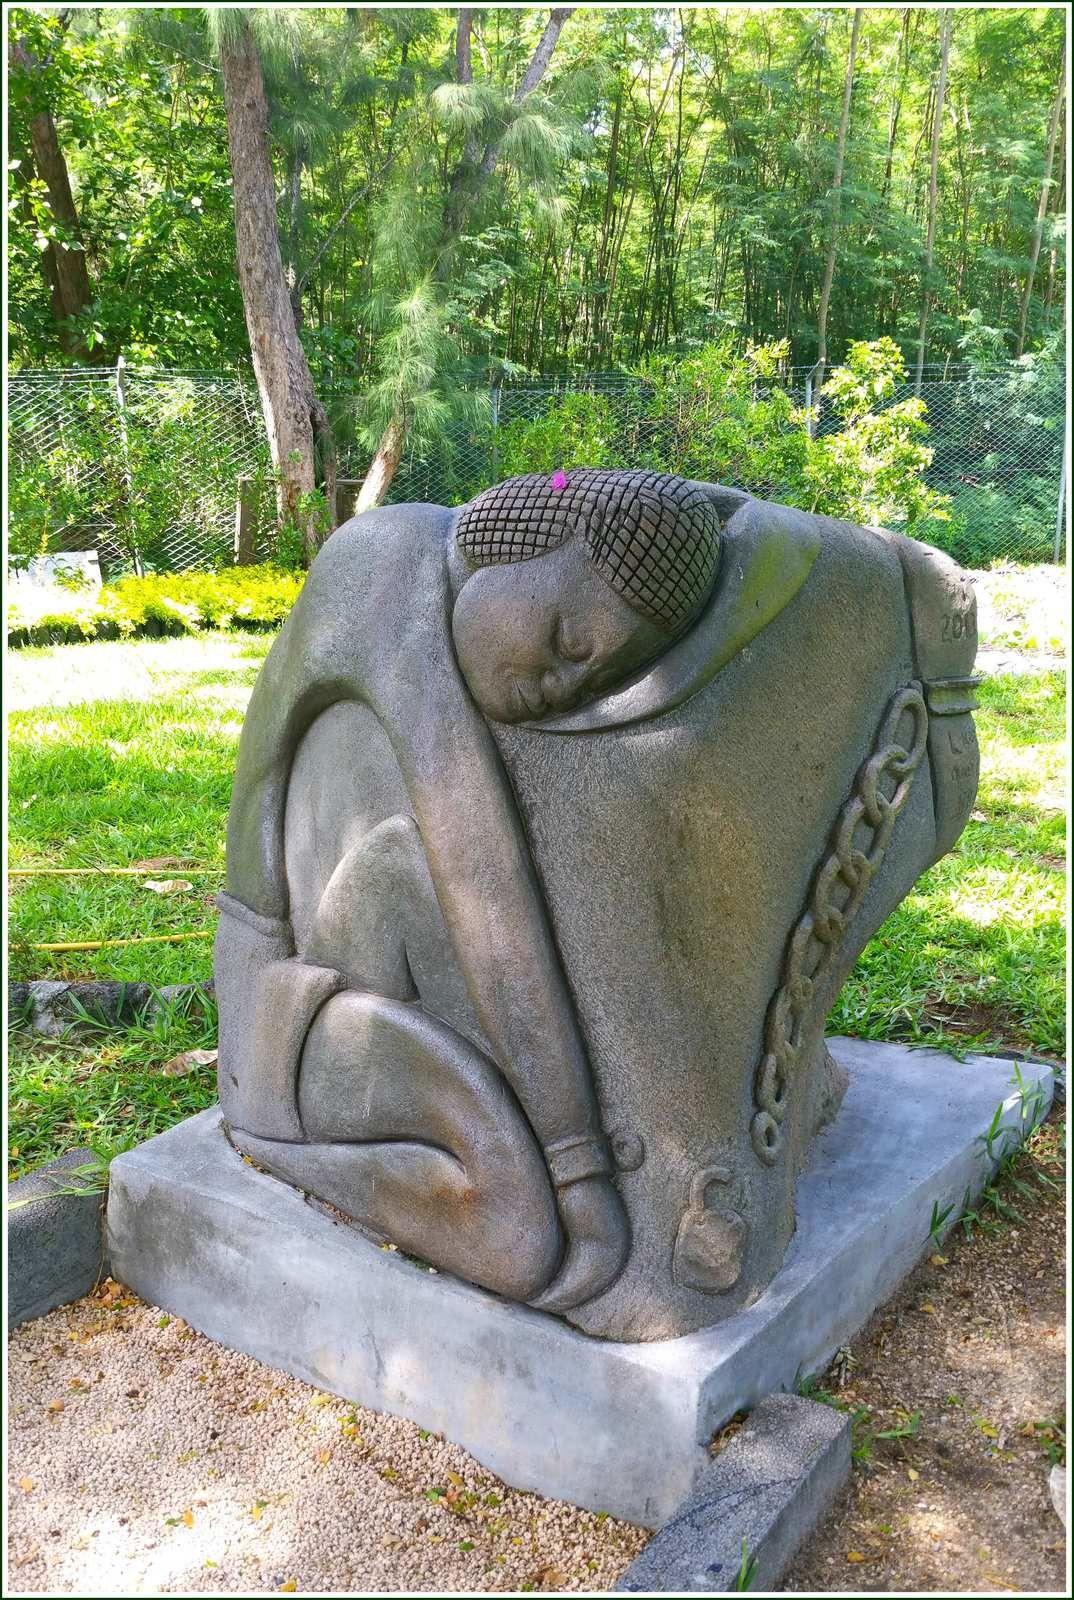 Mémorial de l'esclavagisme du Morne Brabant à Mauritius